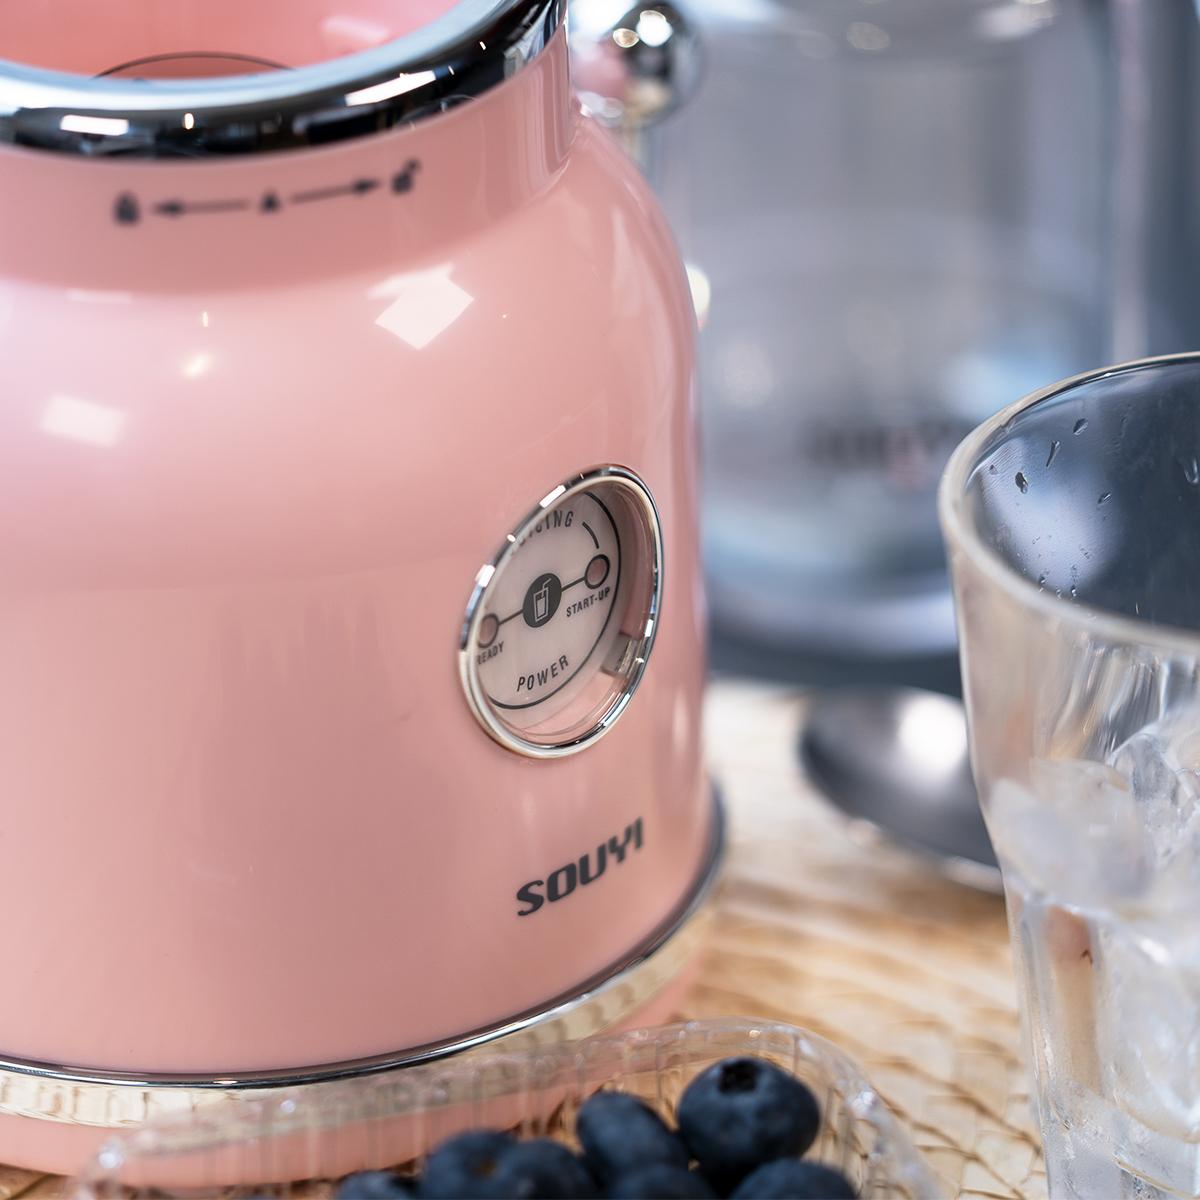 復古風Souyi榨汁機,甜美粉紅色懷舊設計,而且簡單易用,每日新鮮果汁或呃like乳酪smoothie就靠佢。